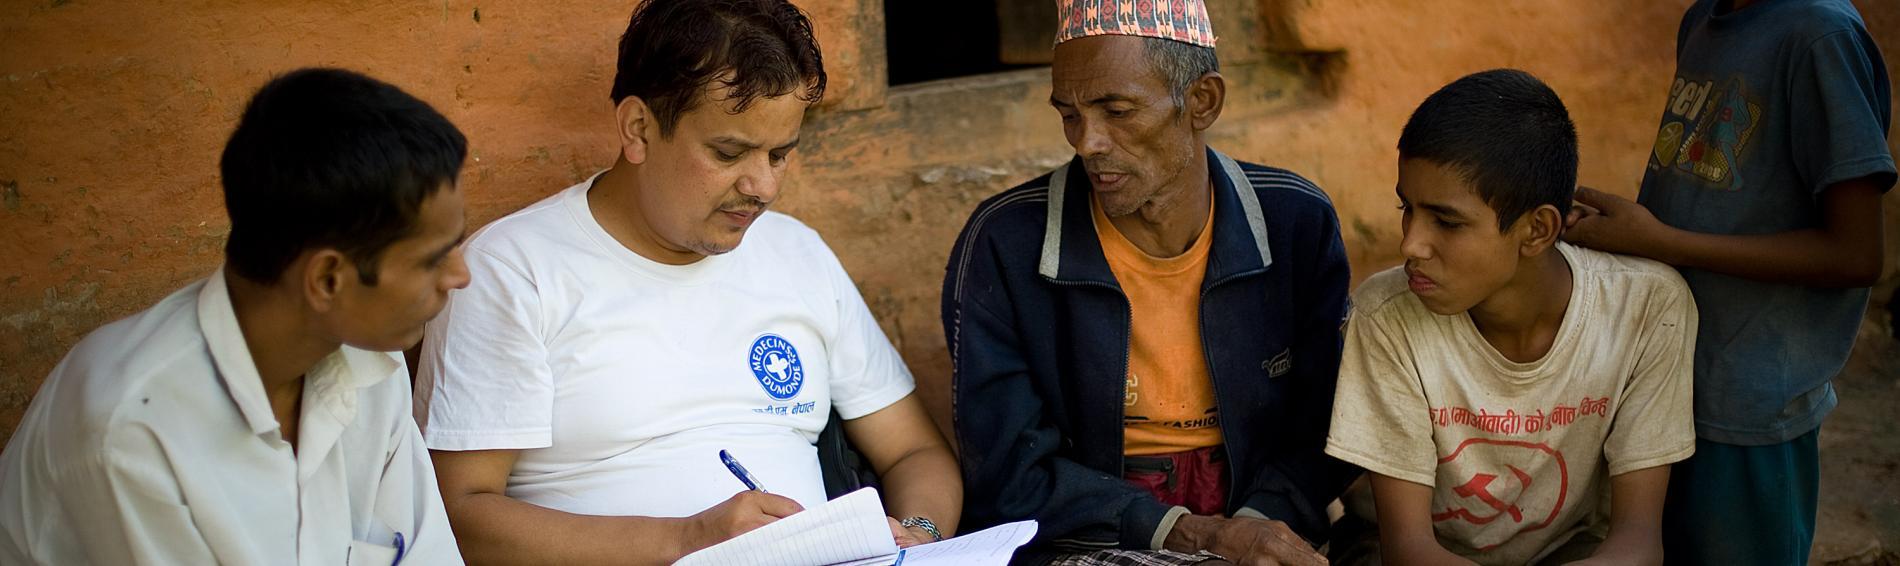 Ärzte der Welt Mitarbeiter im Gespräch mit Bewohnern eines nepalesischen Dorfes. Foto: Benoit Guenot